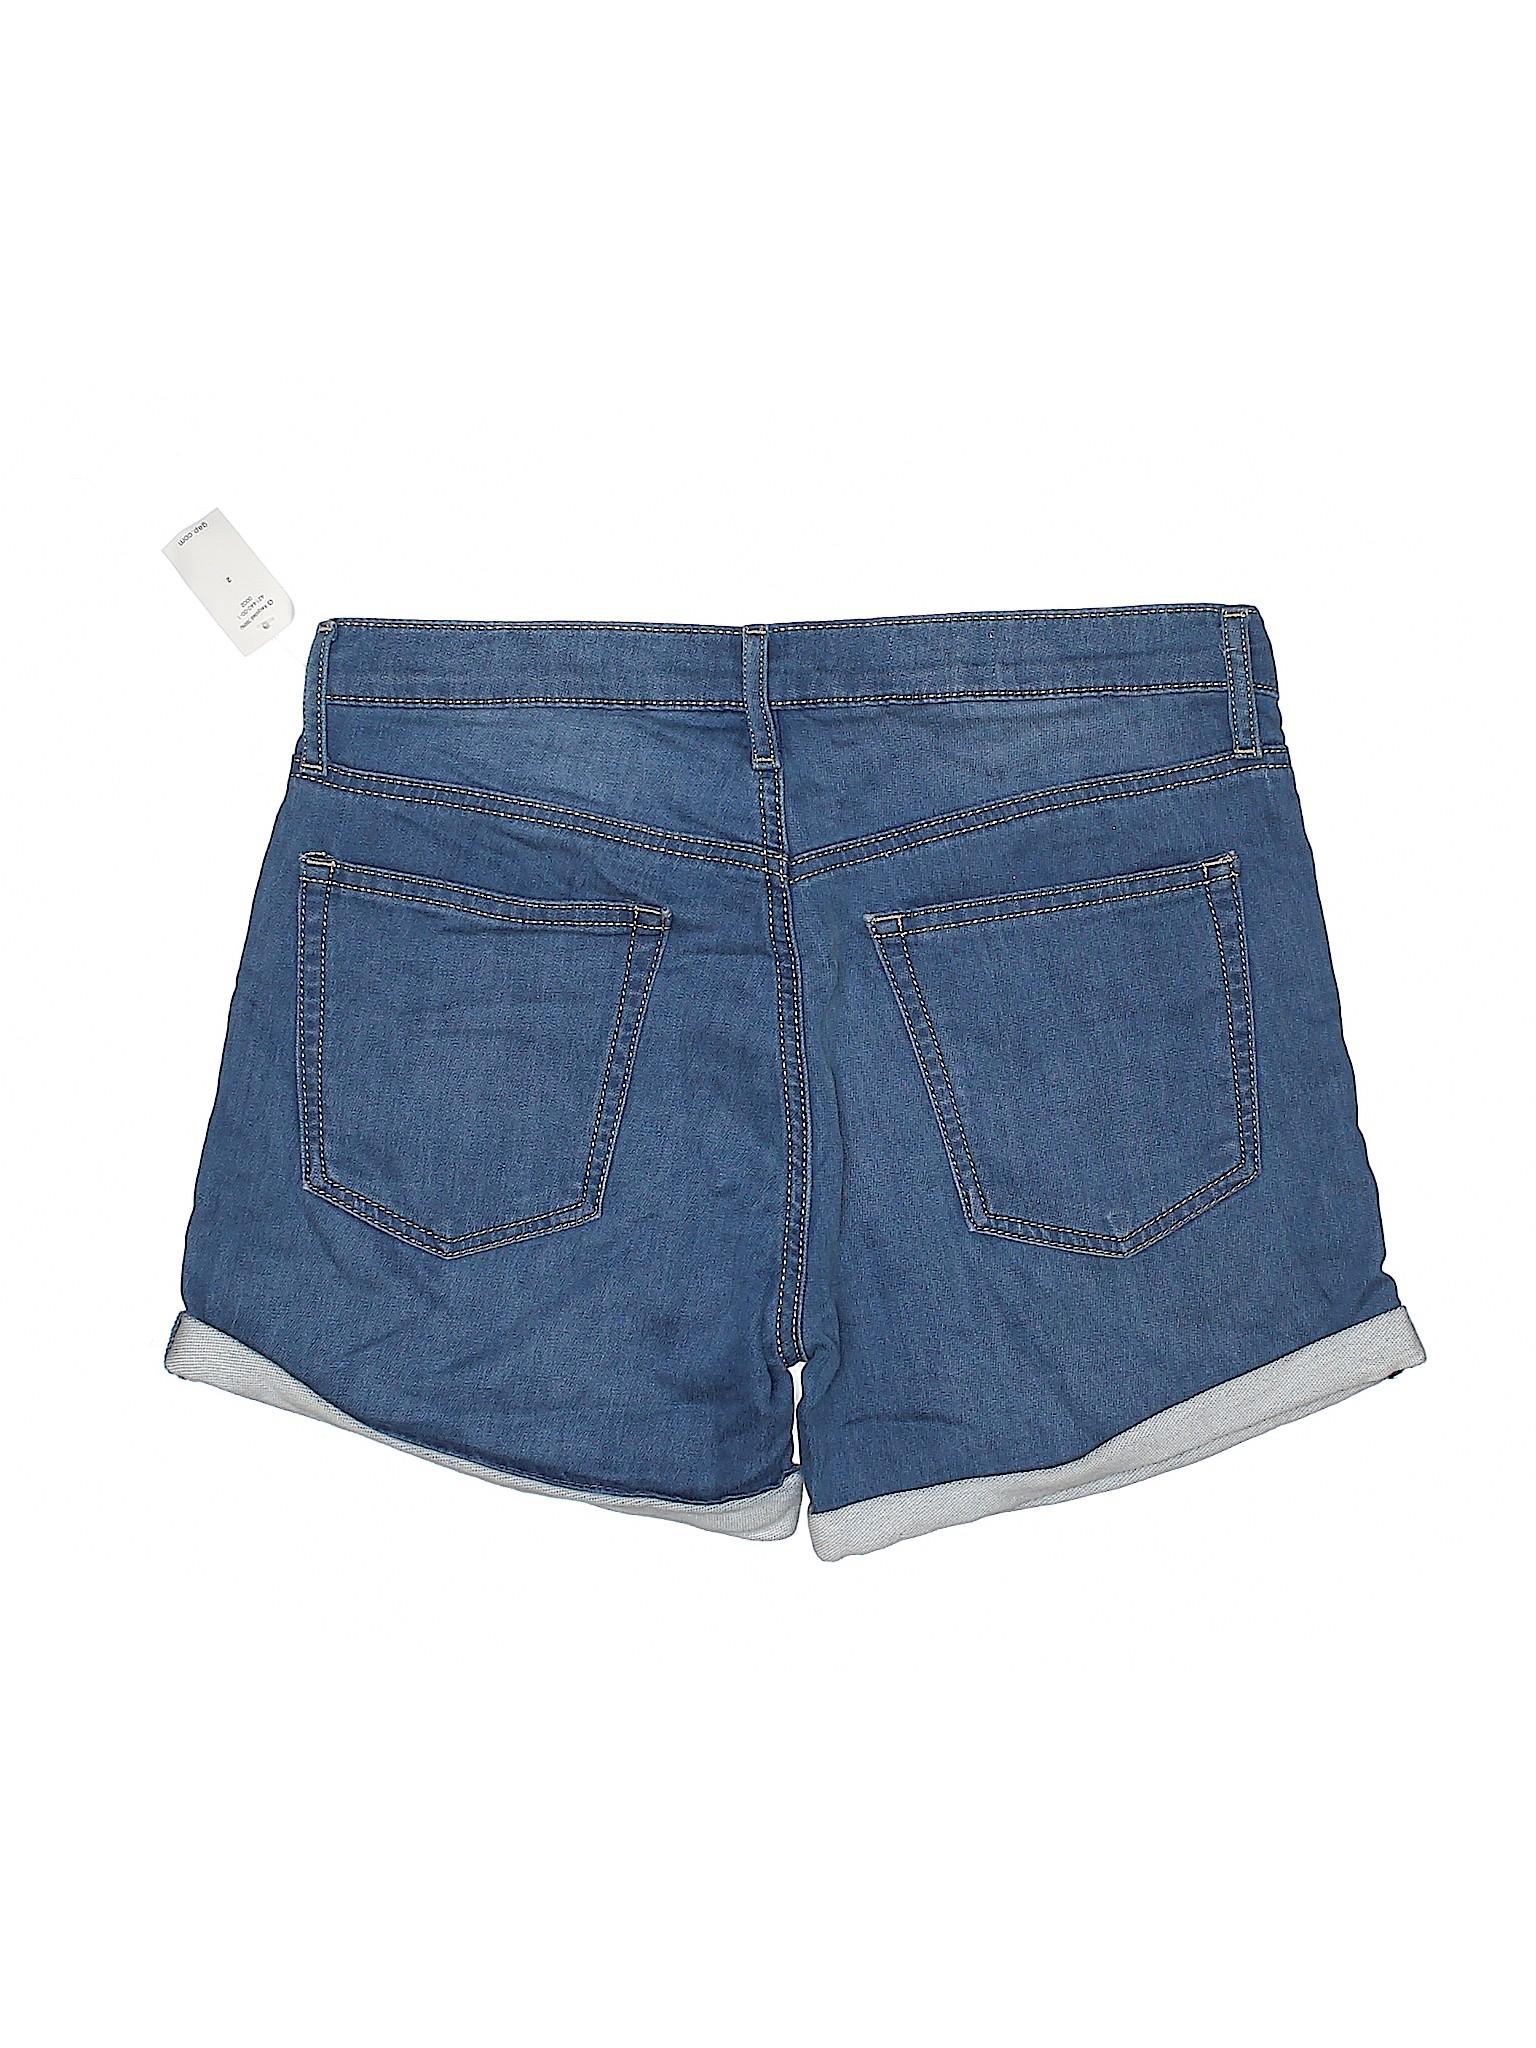 Boutique Shorts Boutique Shorts Gap Denim Gap Boutique Denim 46xSwB